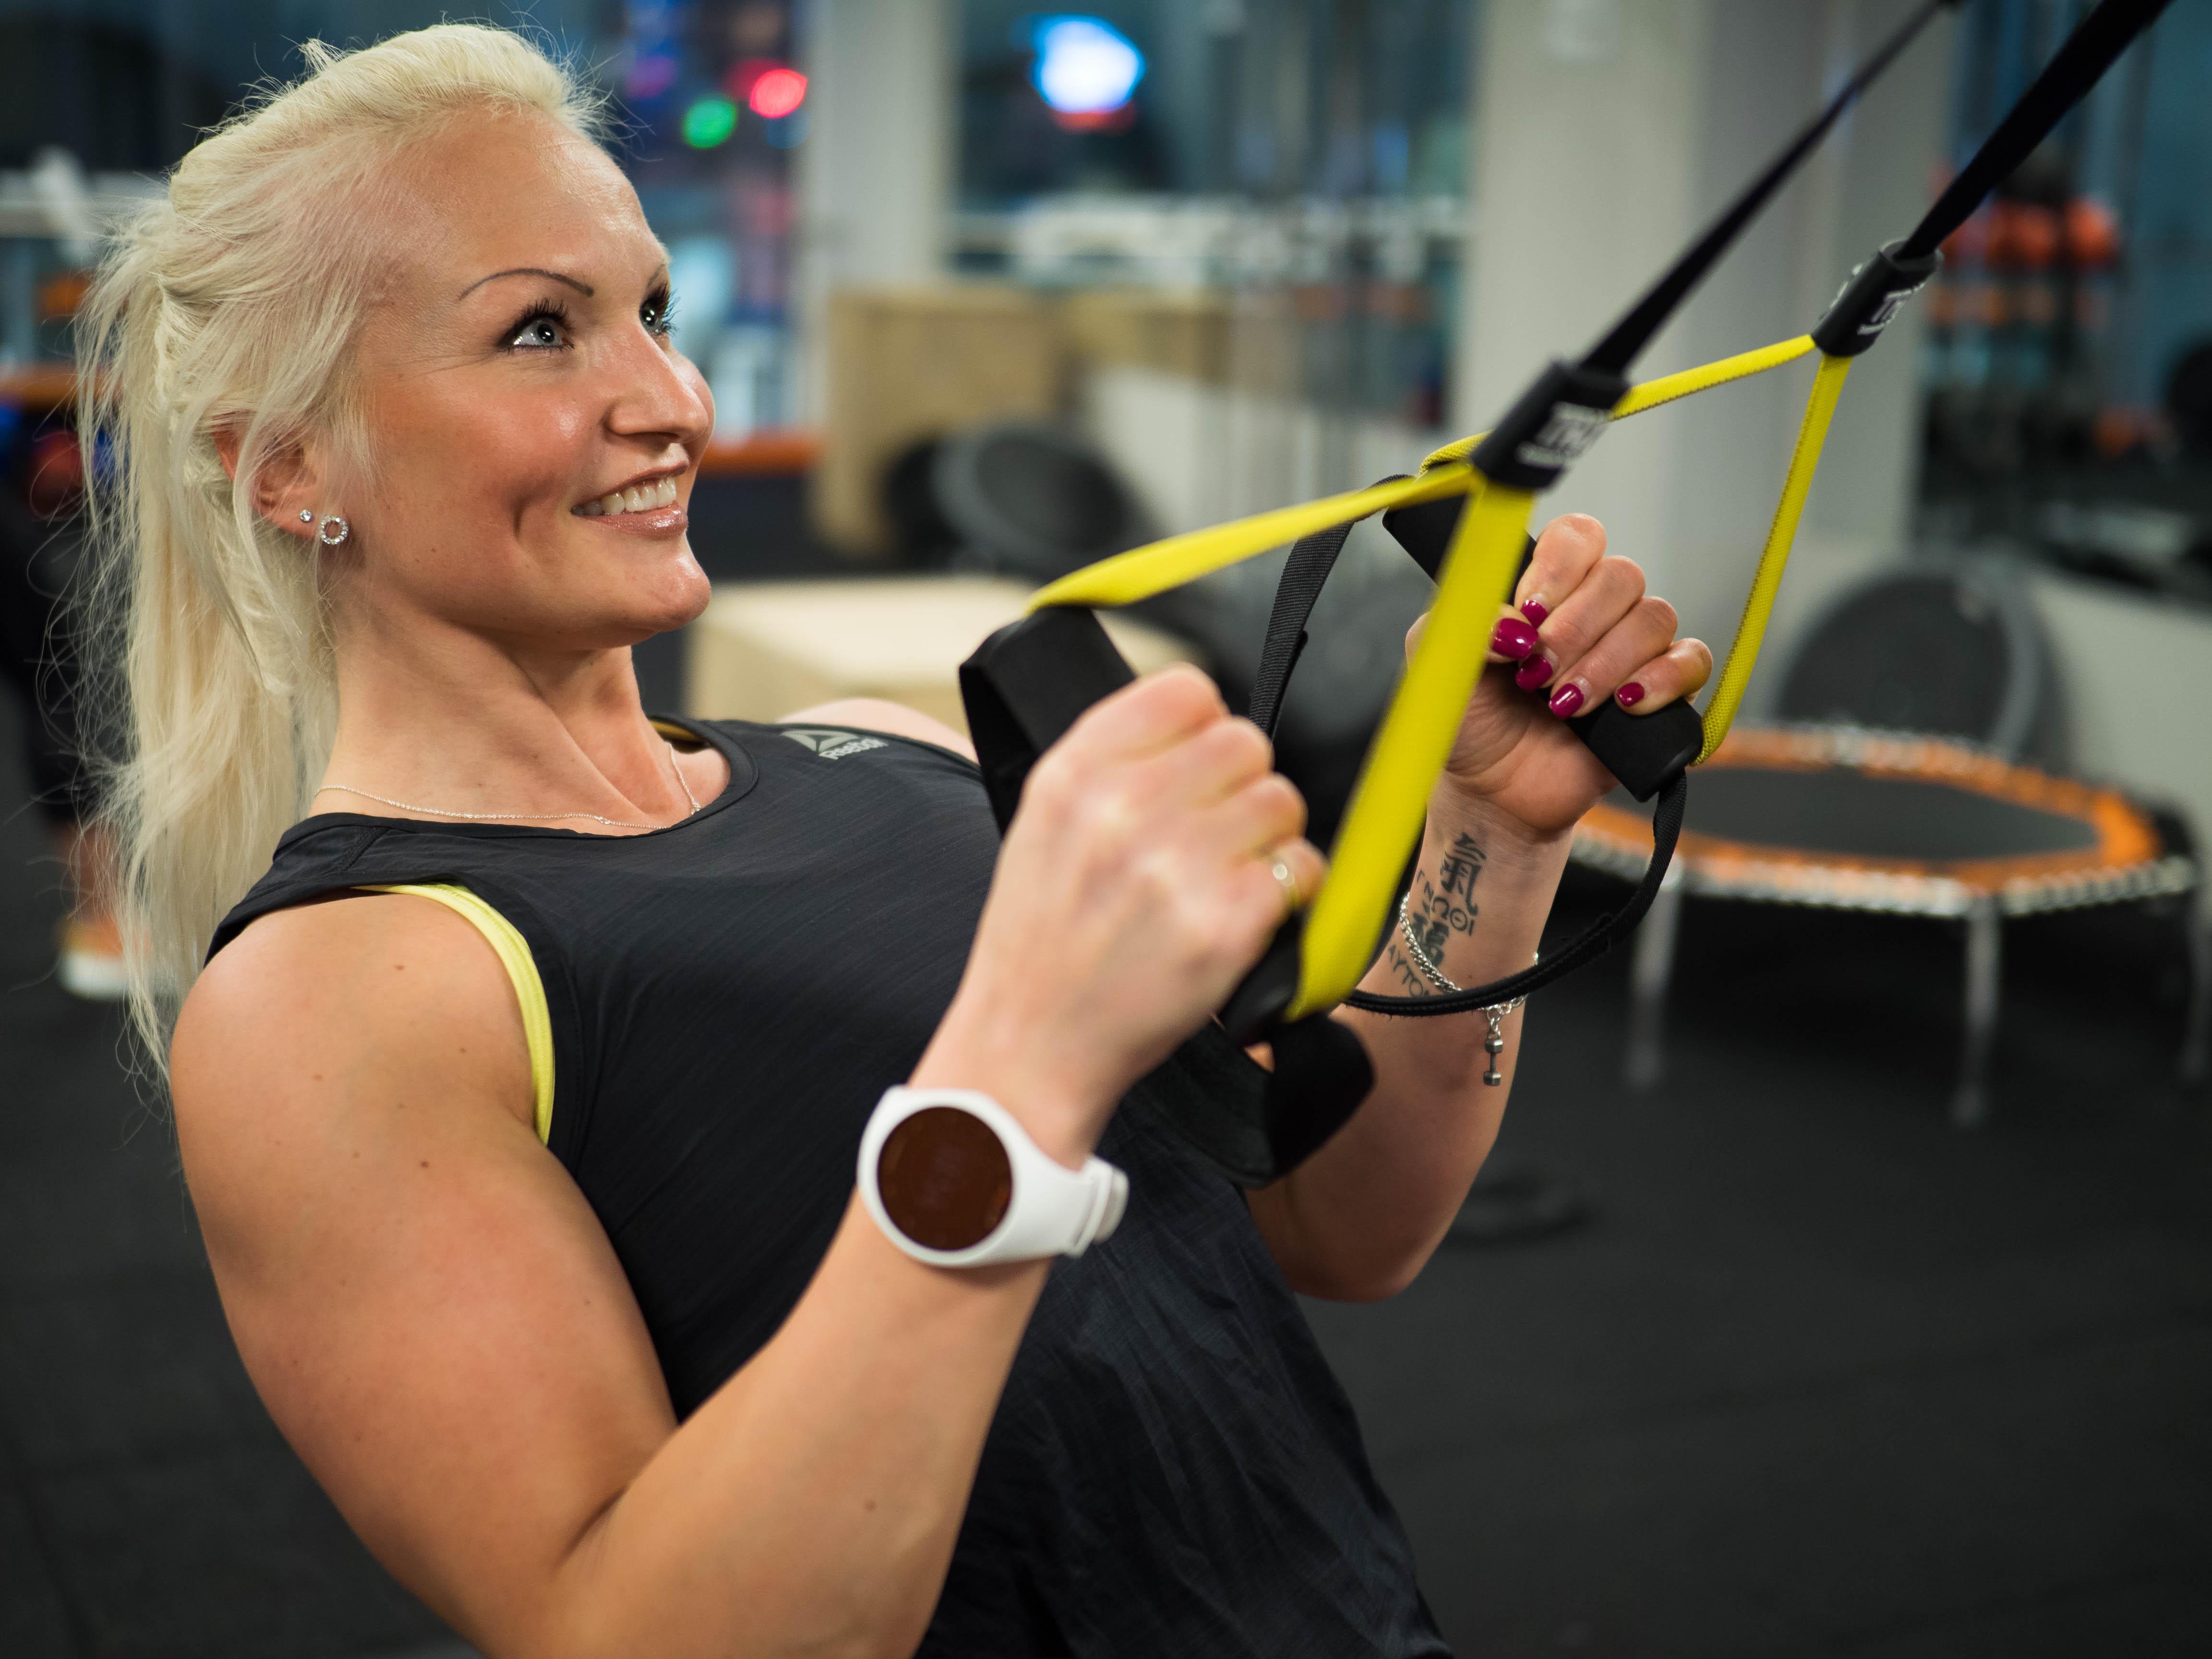 Toiveaihe: Kova treeni ja sen vaikutus hormonitasapainoon naisella